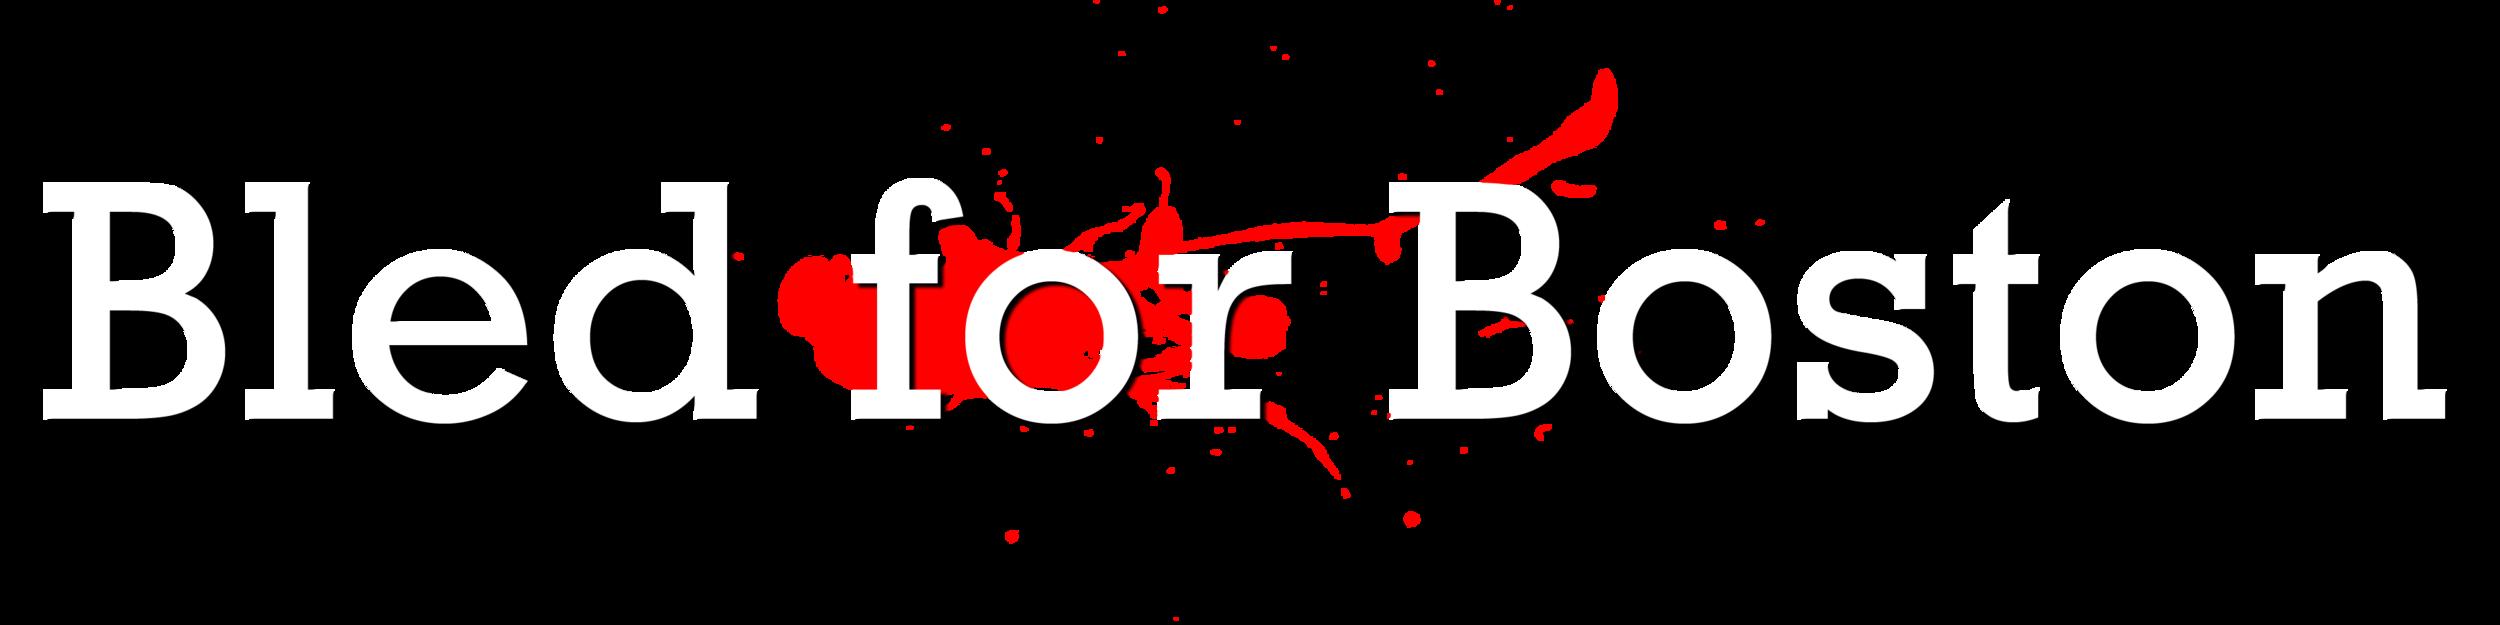 BledForBostonLogo_new.png